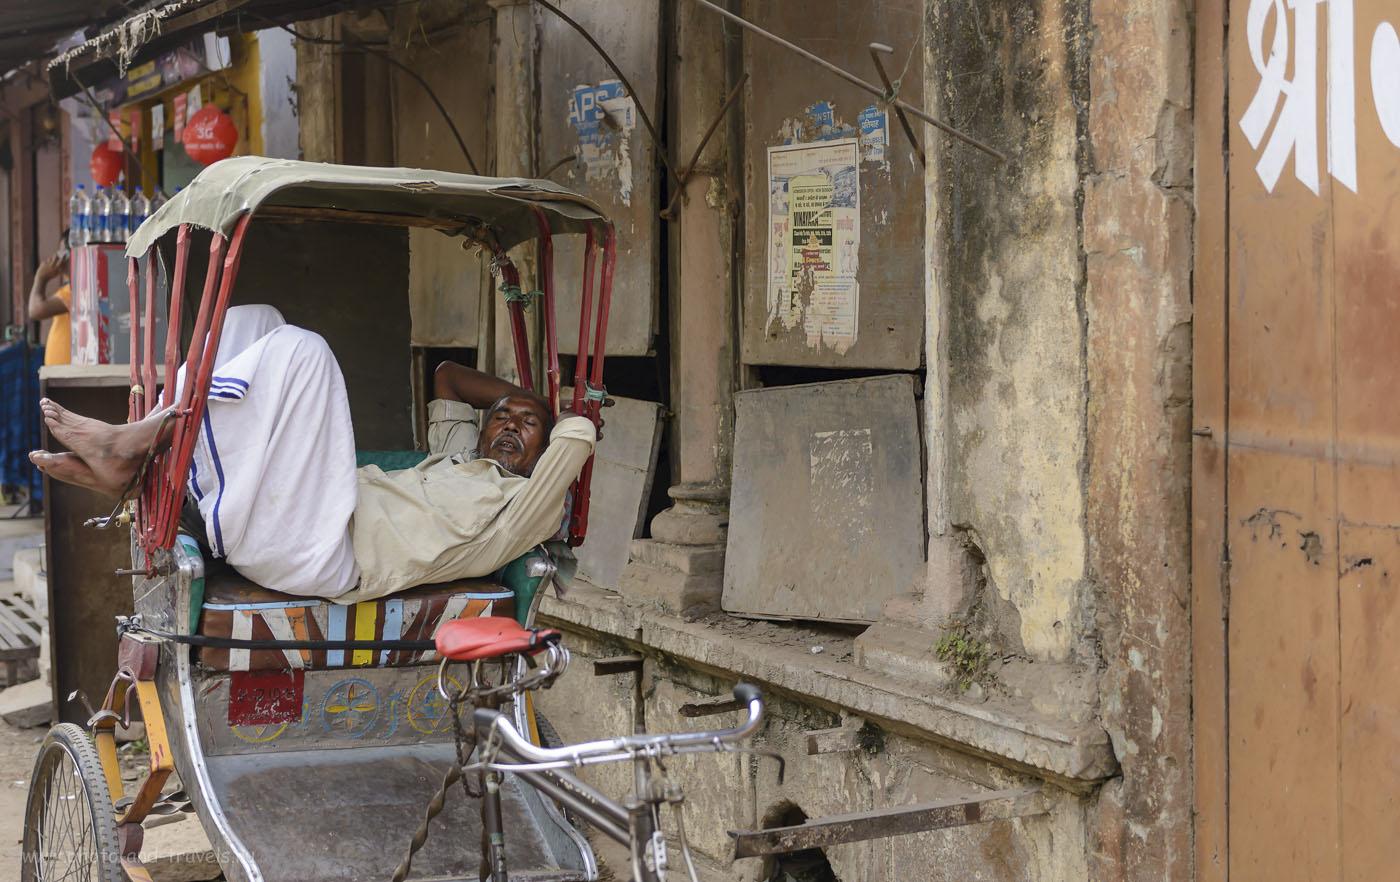 Фото 29. Грузовой велосипед для рикши – не только средство заработка, но и место жительства. 1/800, 2.8, 250, 56.